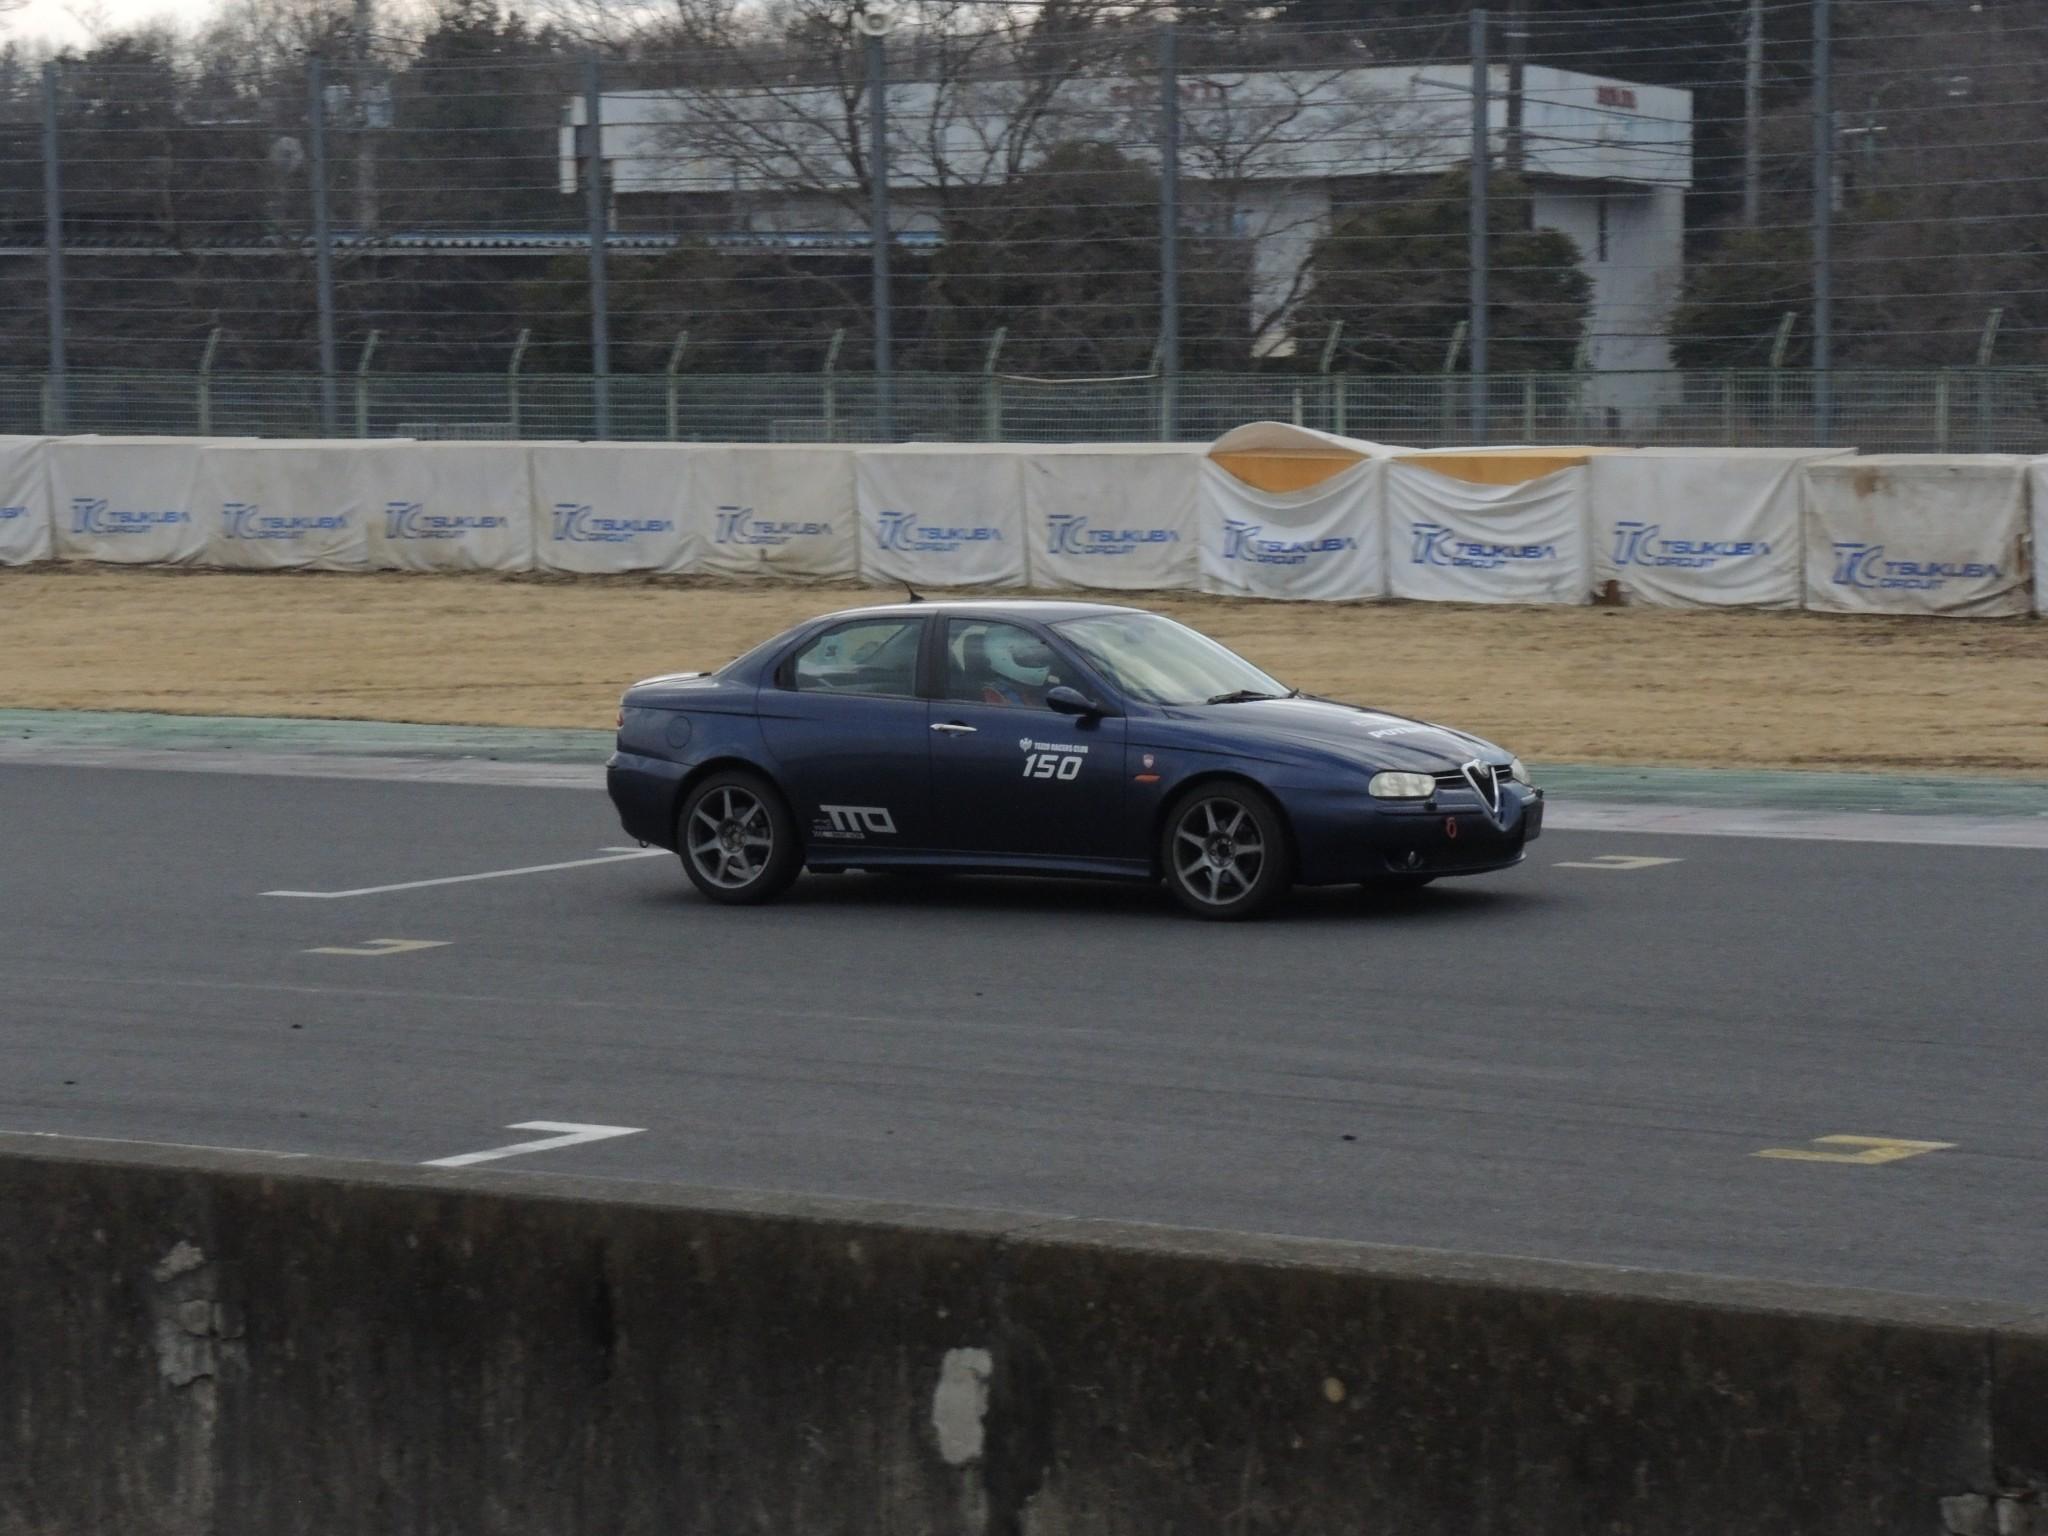 211(日)アルファロメオチャレンジ レースに参戦しました! (5)